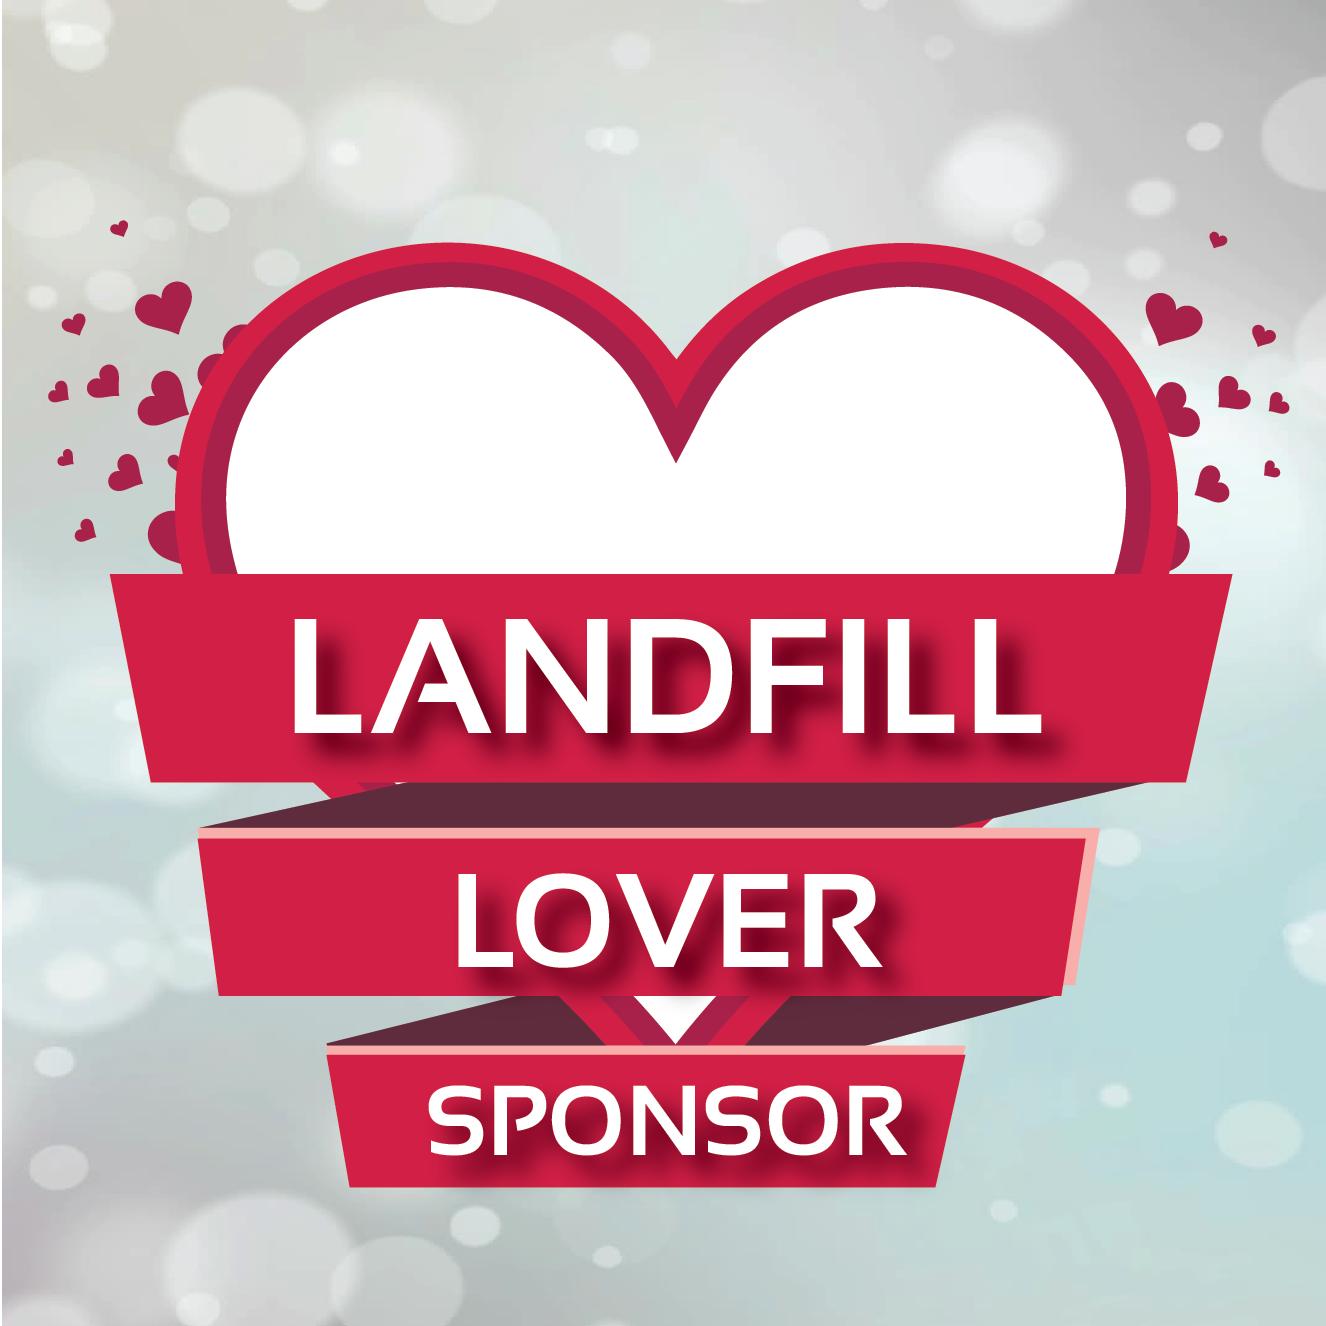 Landfill Lover Sponsor